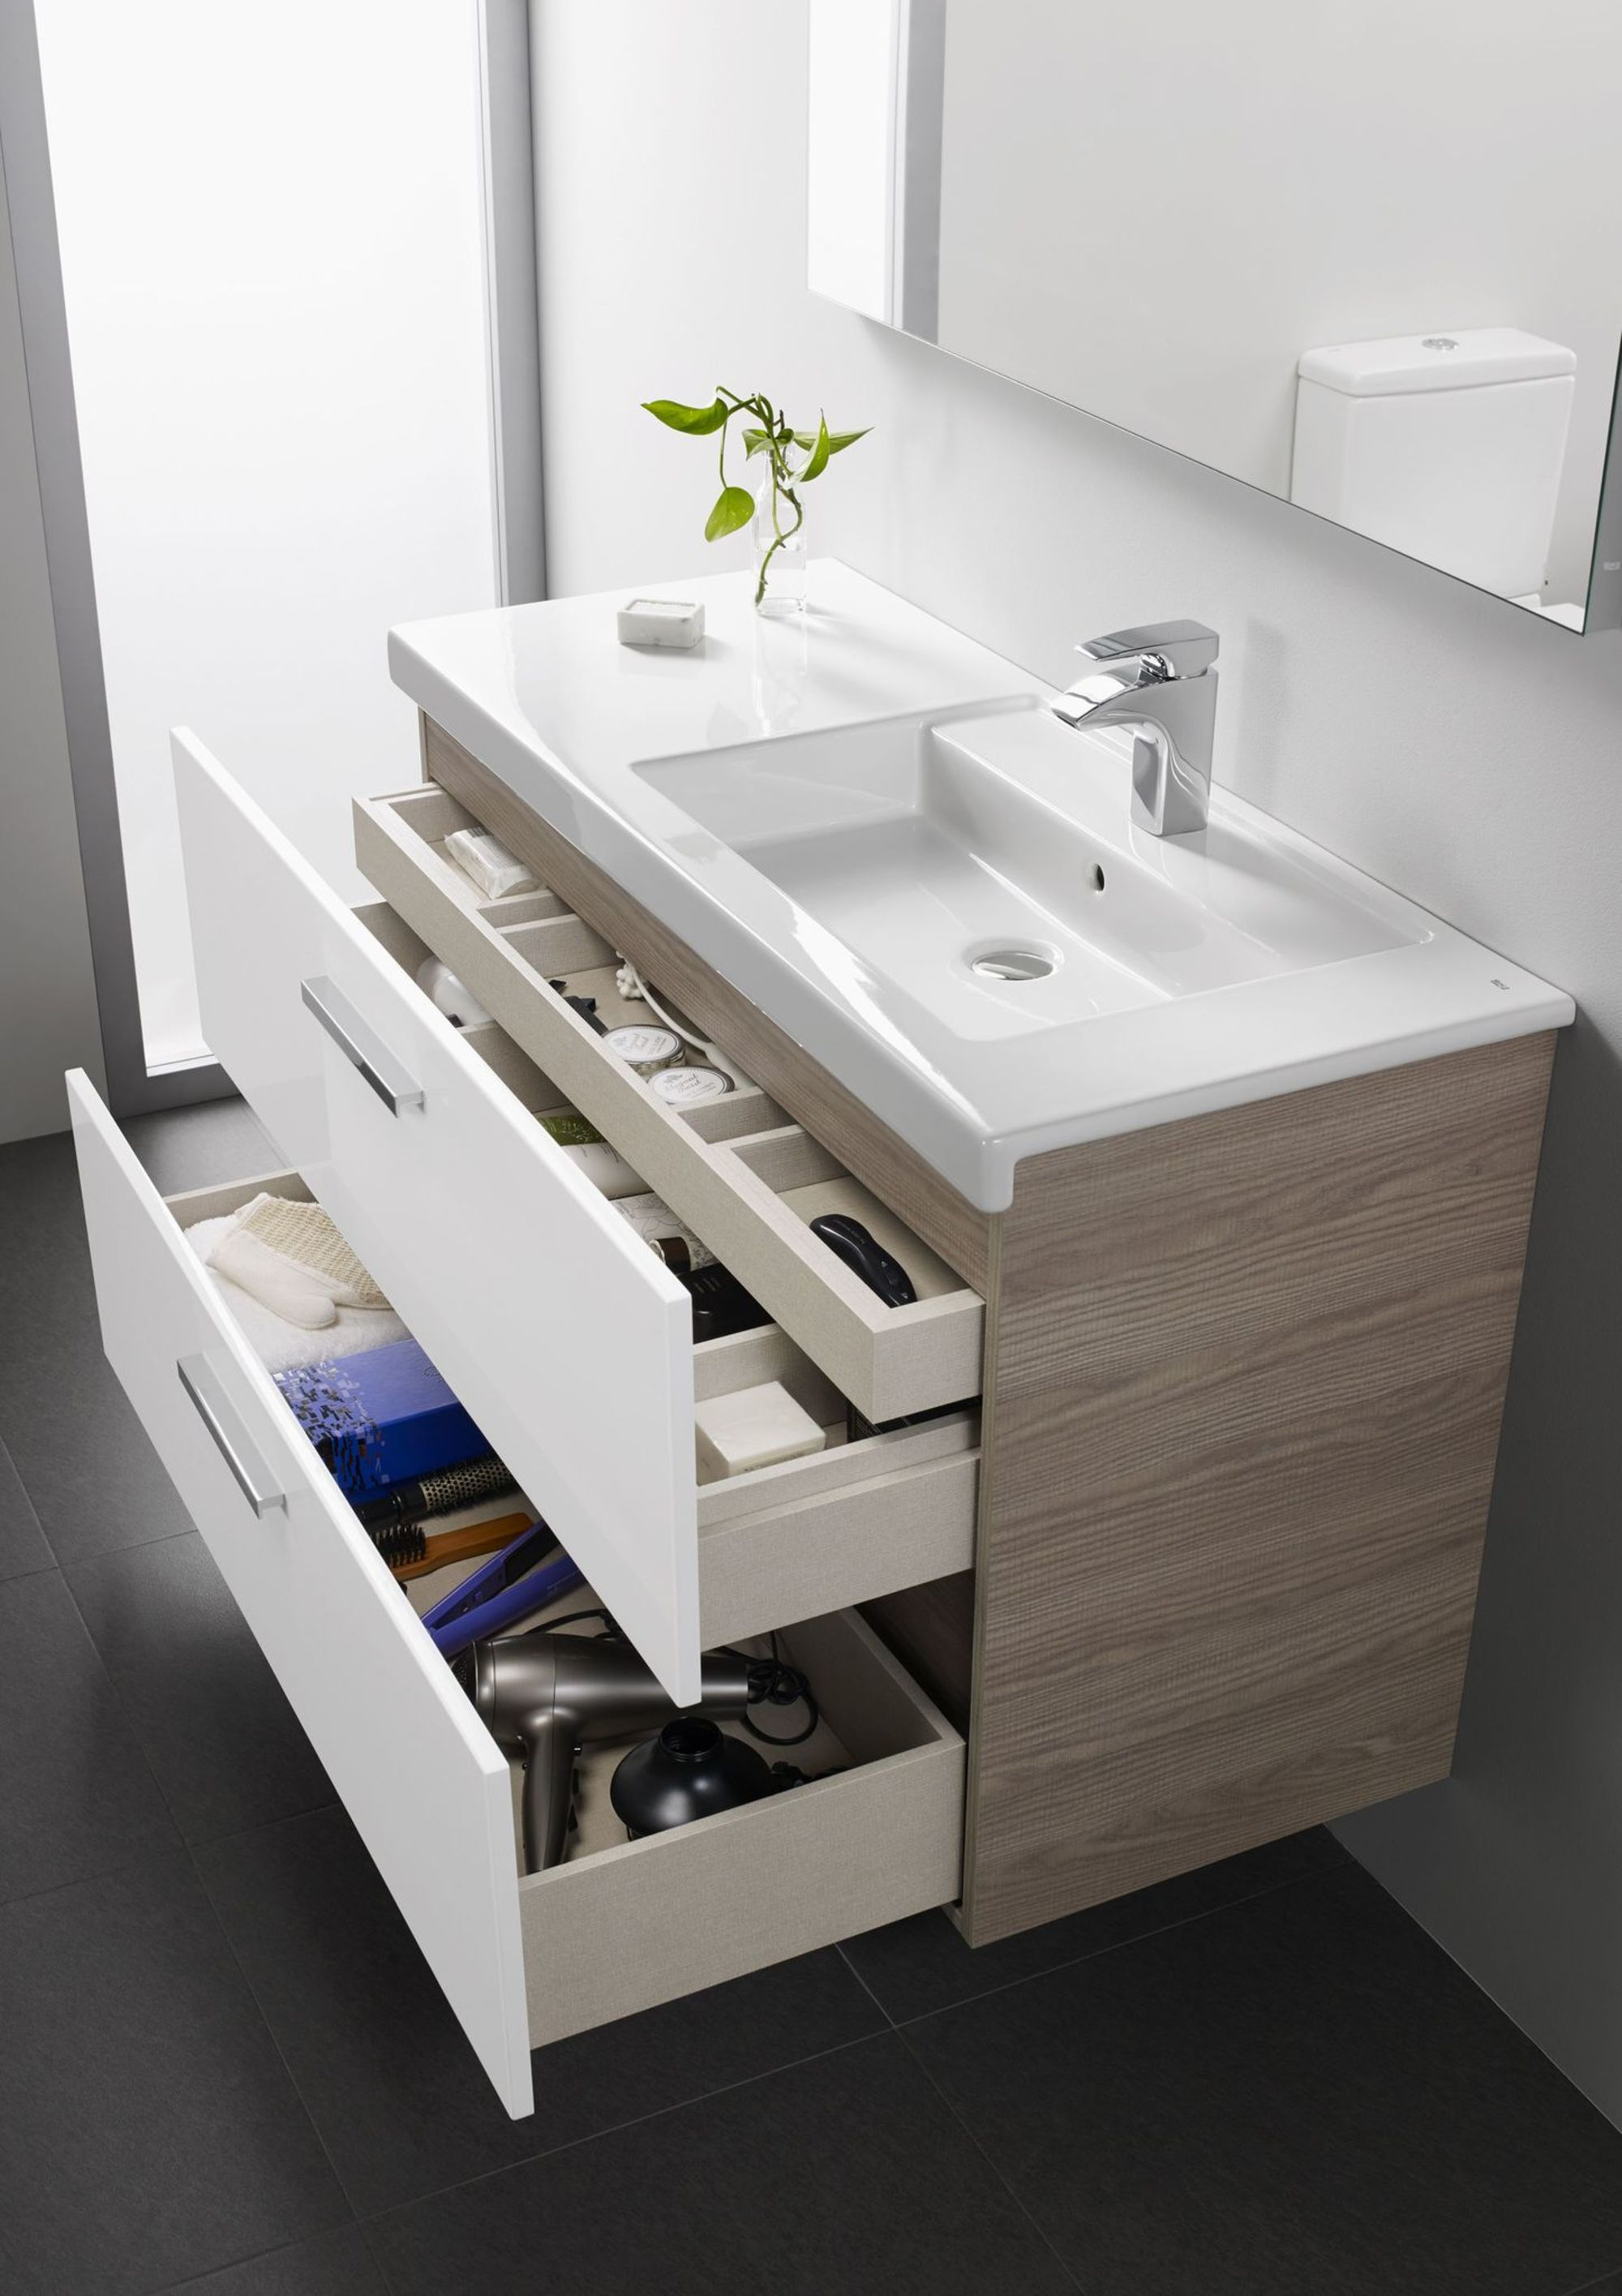 Meuble Salle Bain Bois Design Ikea Lapeyre Meuble Salle De